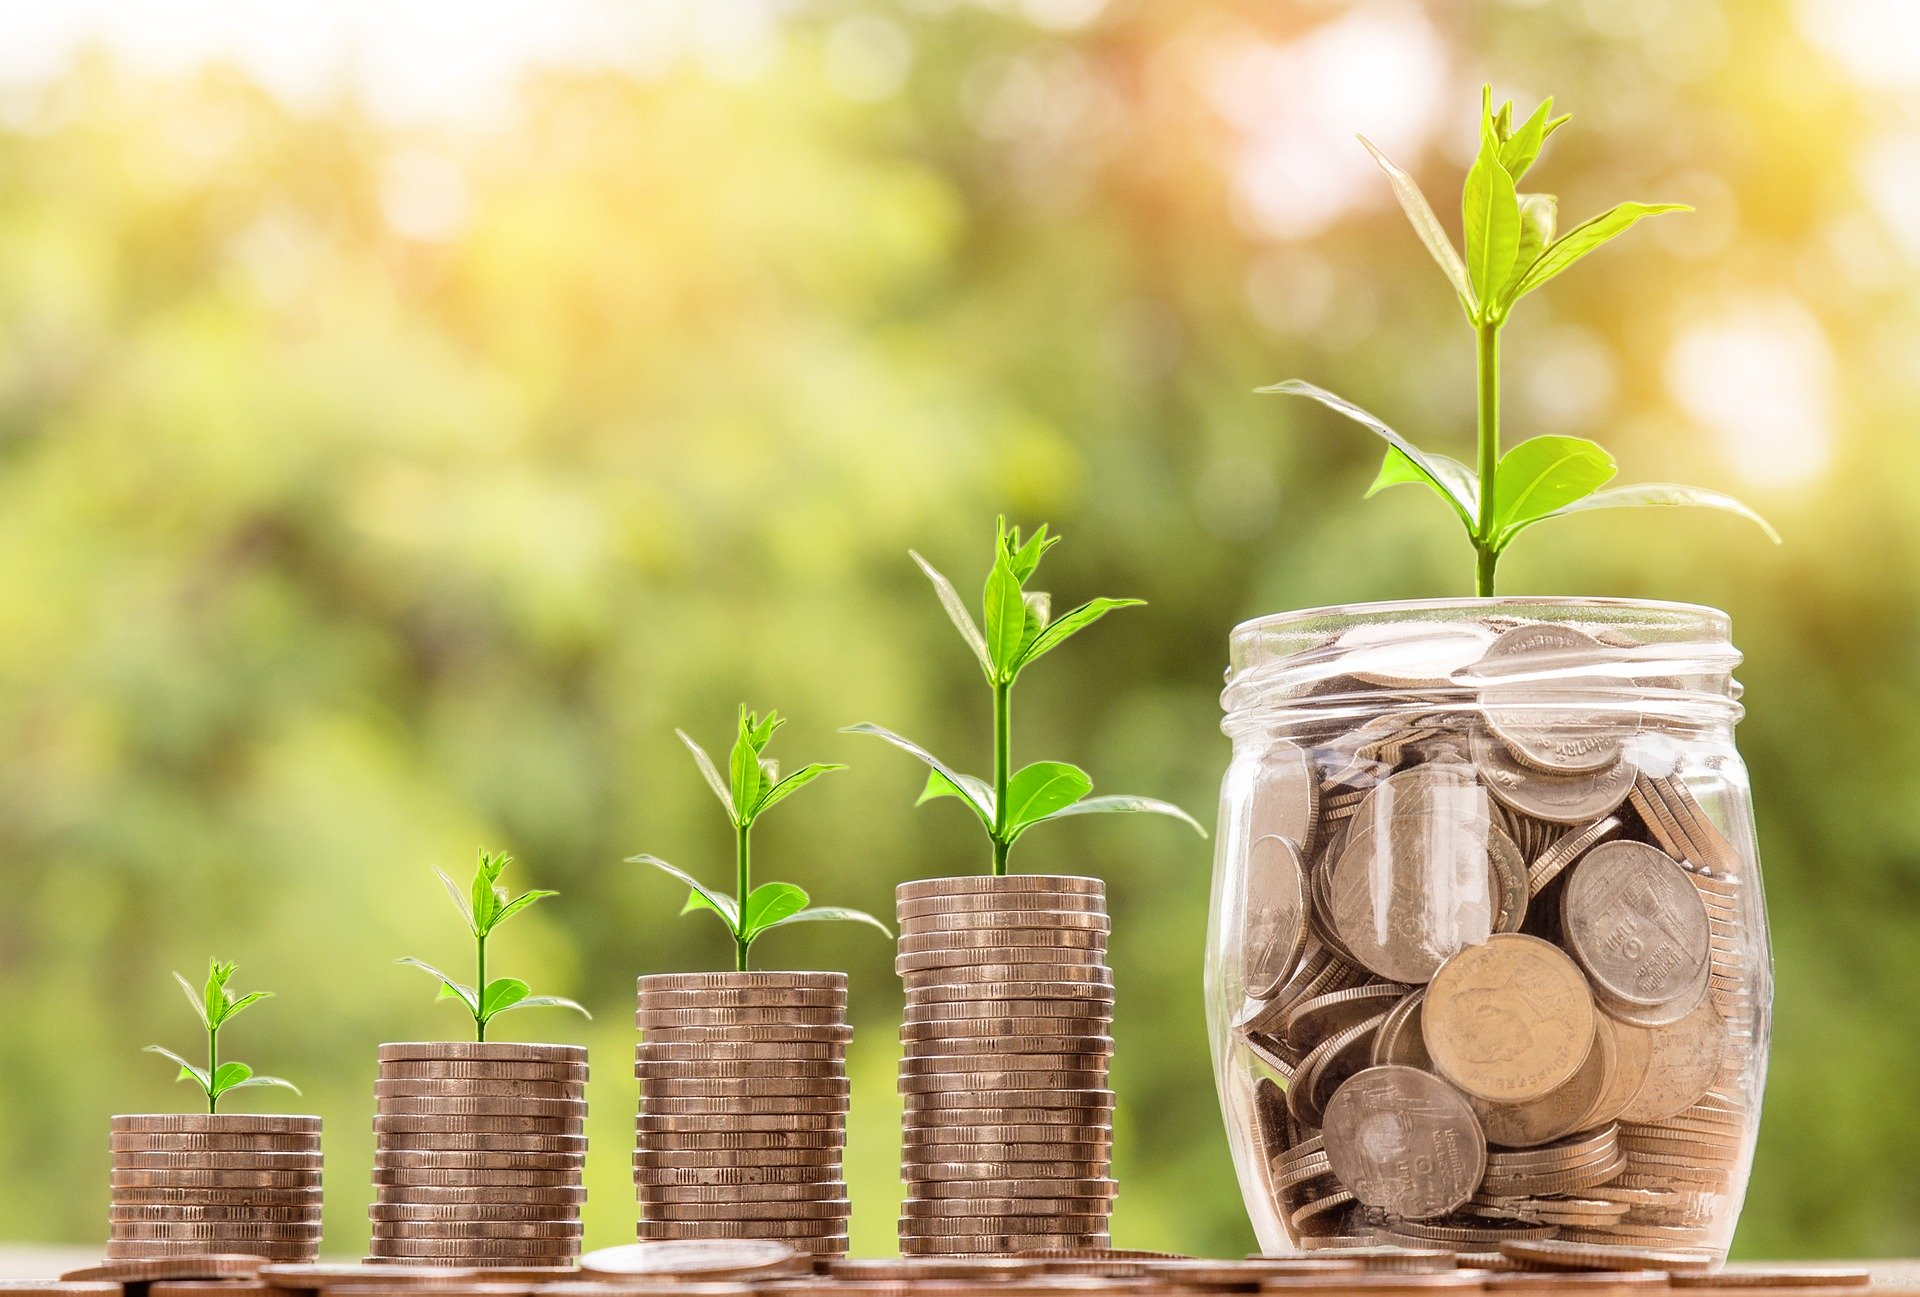 Seriál o hypotékách 1. díl - Dosáhnu na hypotéku a jaký bude úrok?